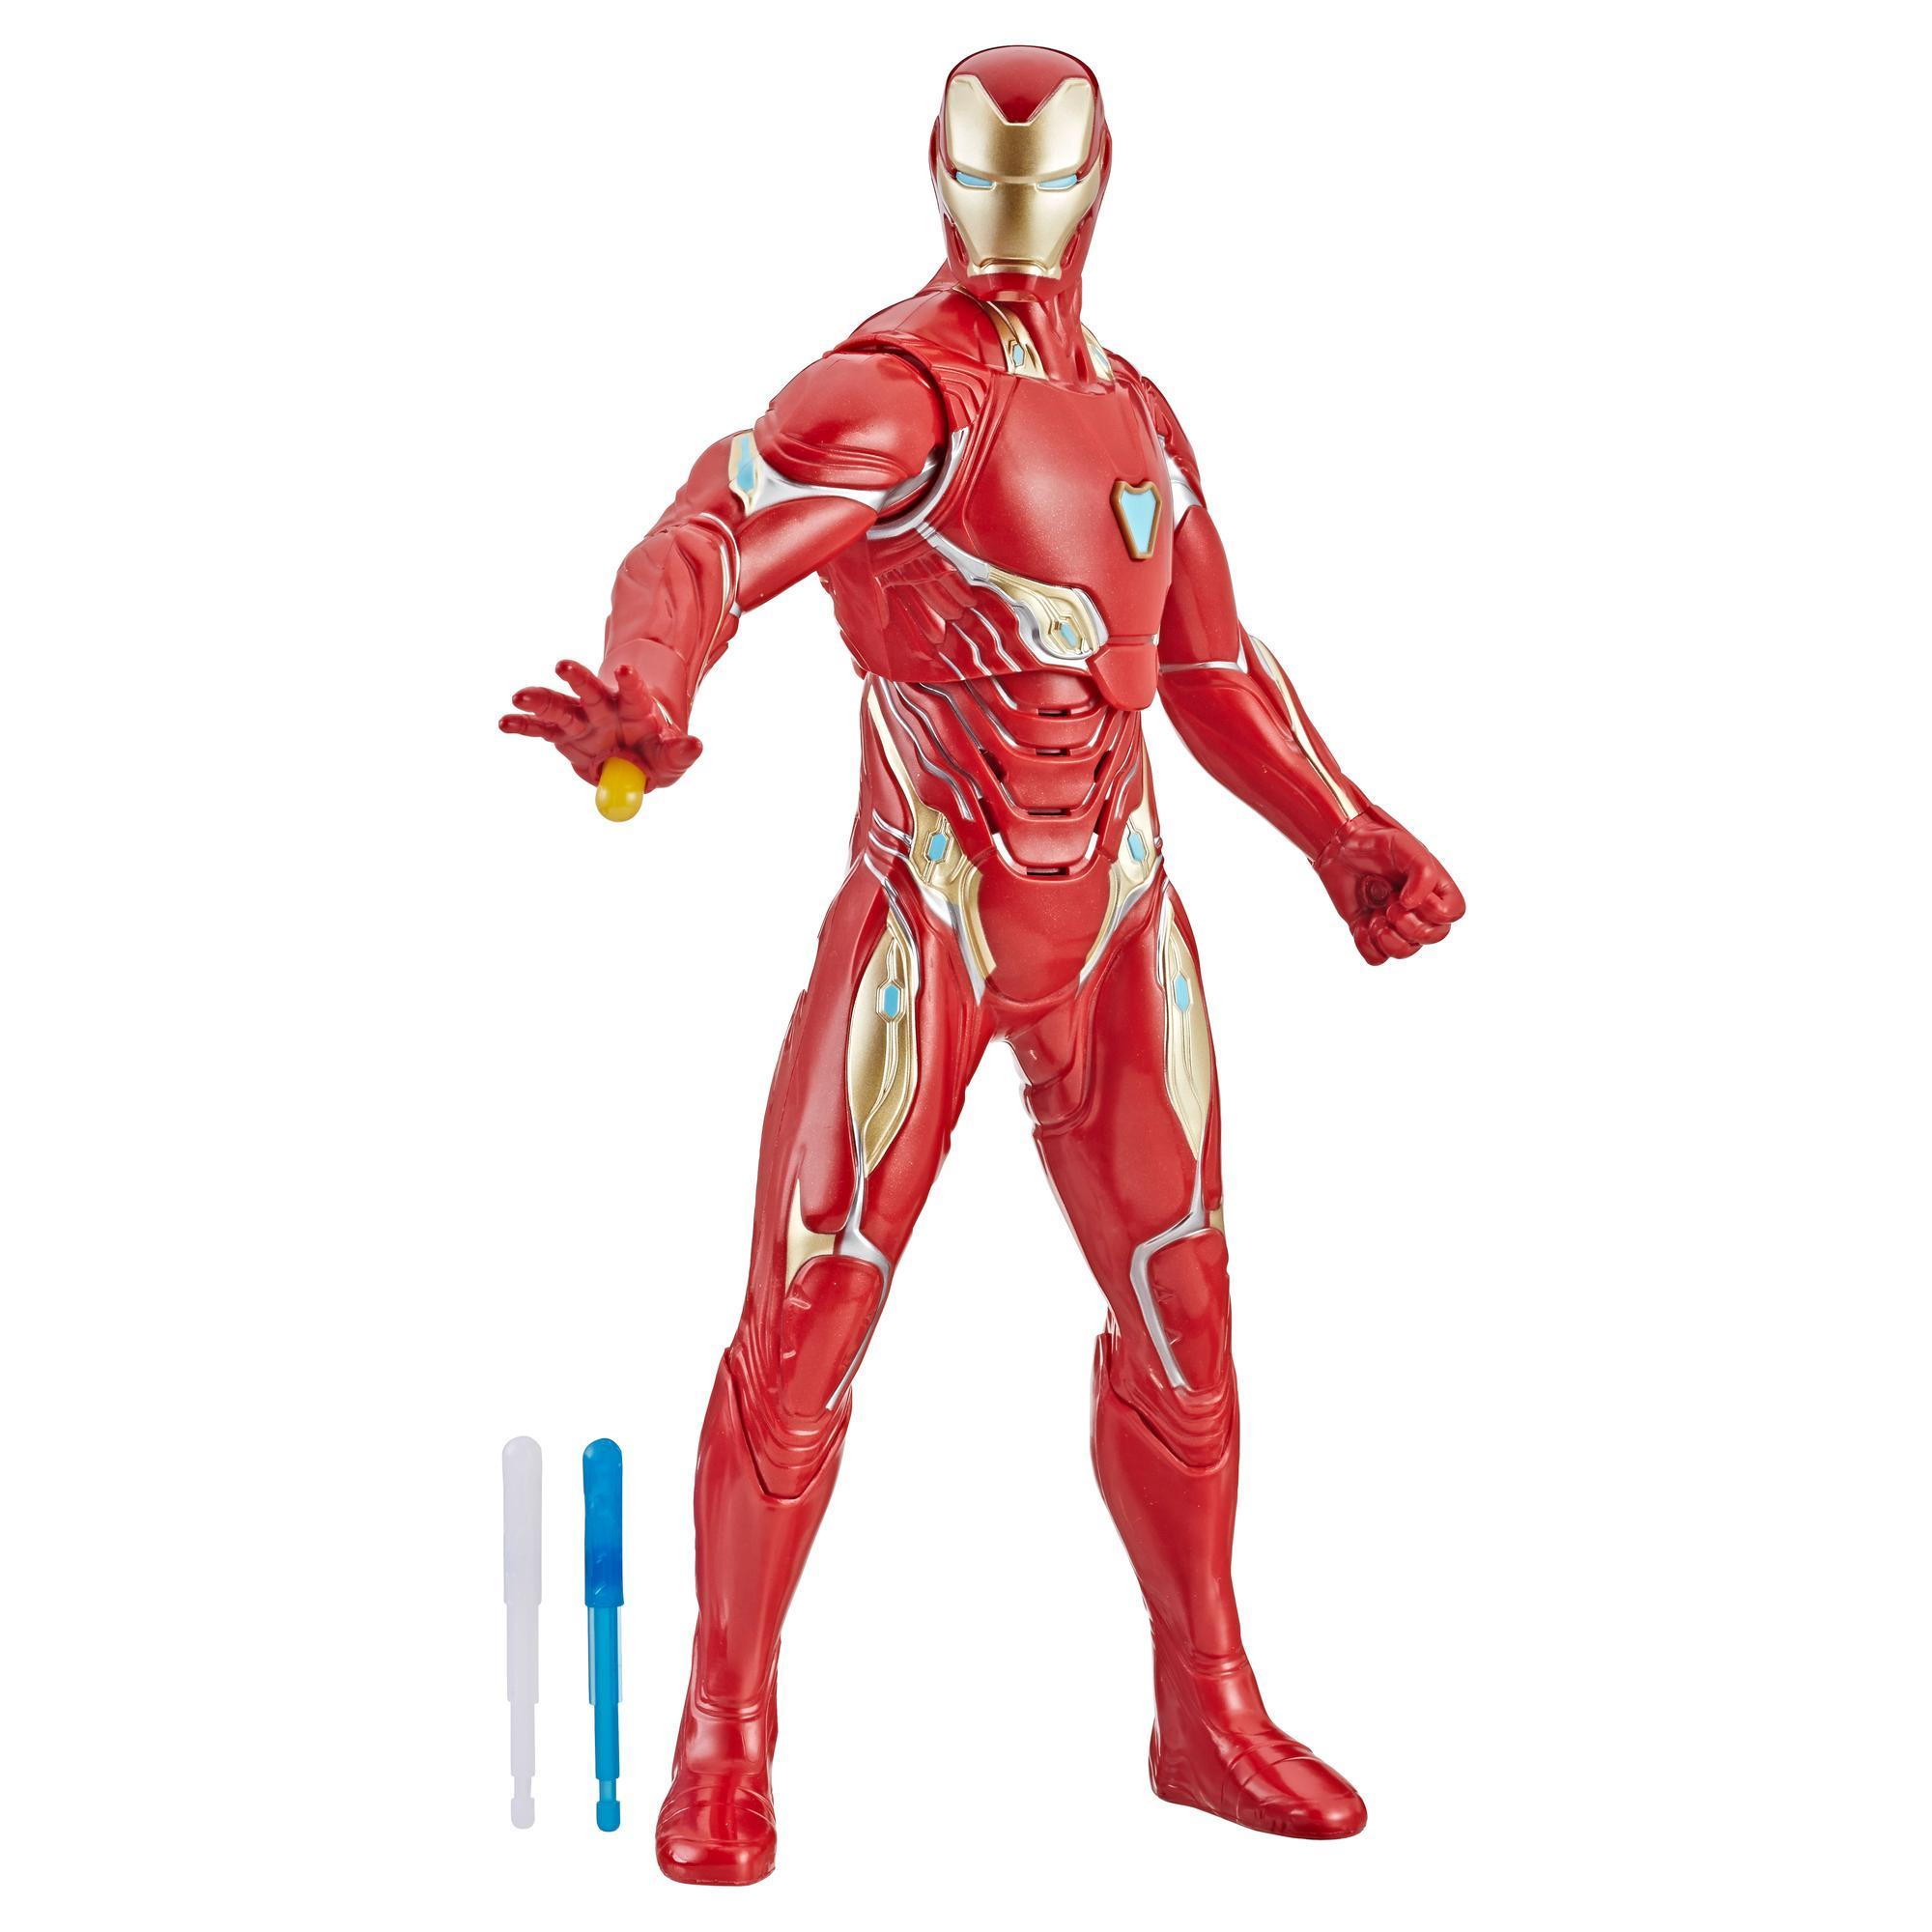 Marvel Avengers Avengers: Endgame - Iron Man con getto repulsore (Action Figure interattiva elettronica con 20 suoni e frasi in inglese, 33 cm)